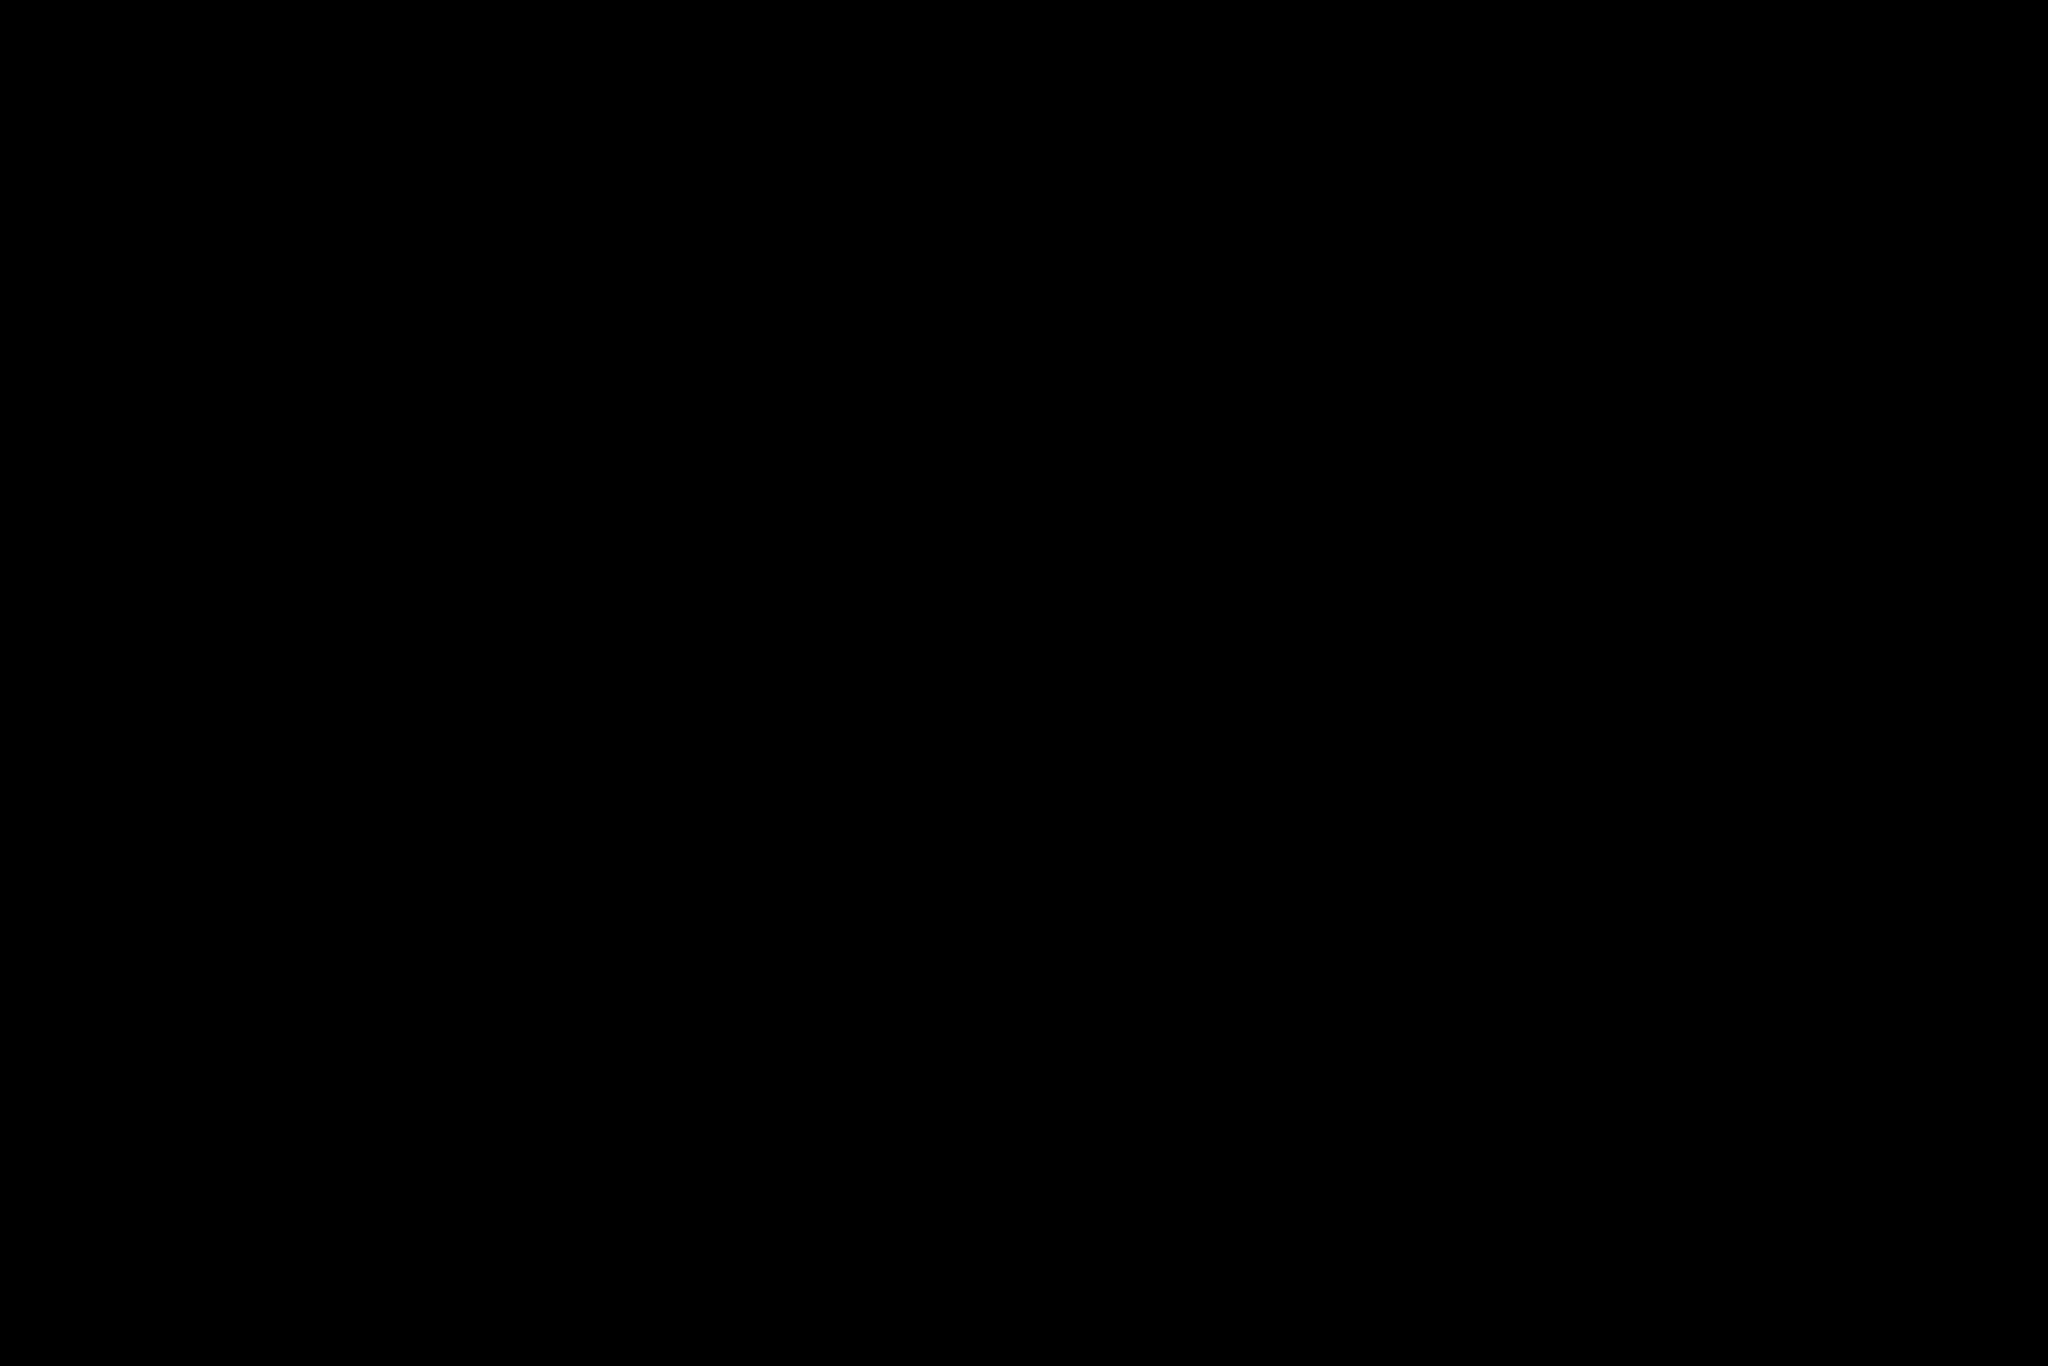 Openstelling Sint-Joriskerk als stadskerk vanaf 21 maart tot 6 april 2020